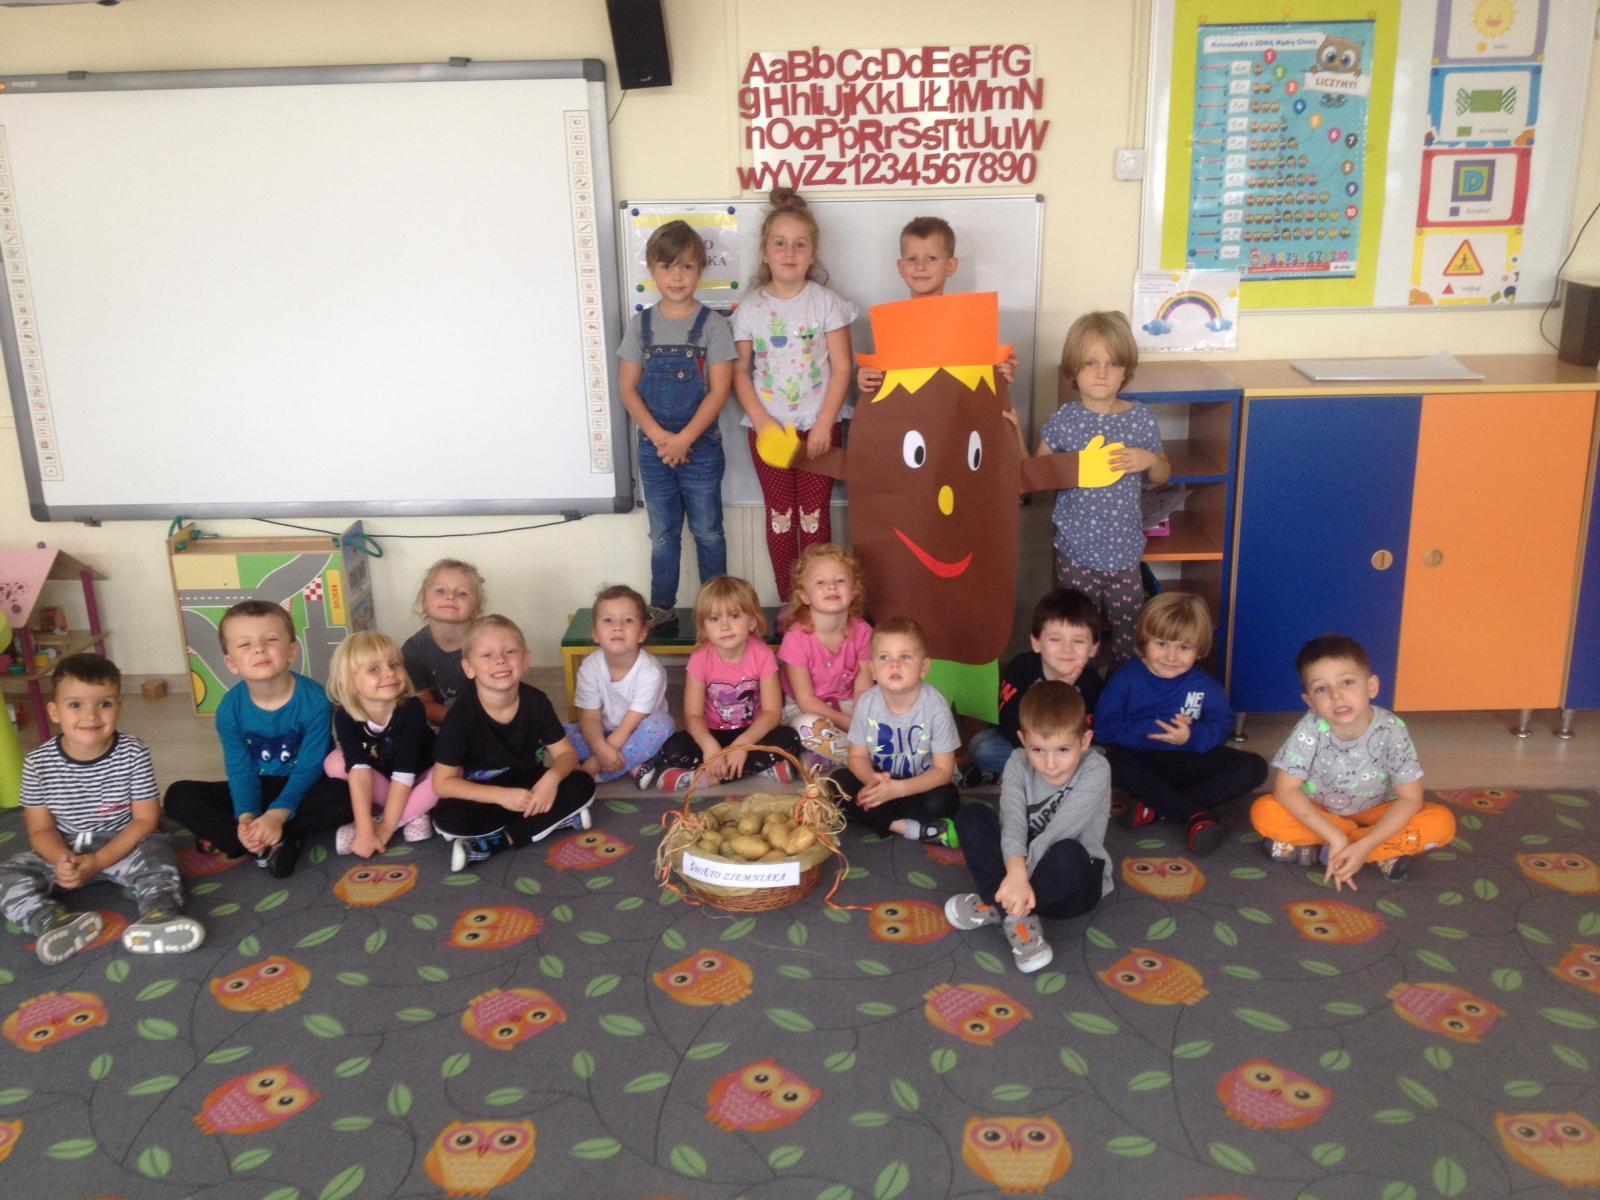 Trzynaścioro dzieci siedzących na dywanie przed którymi stoi koszyk z ziemniakami. Za nimi czworo stojących dzieci.